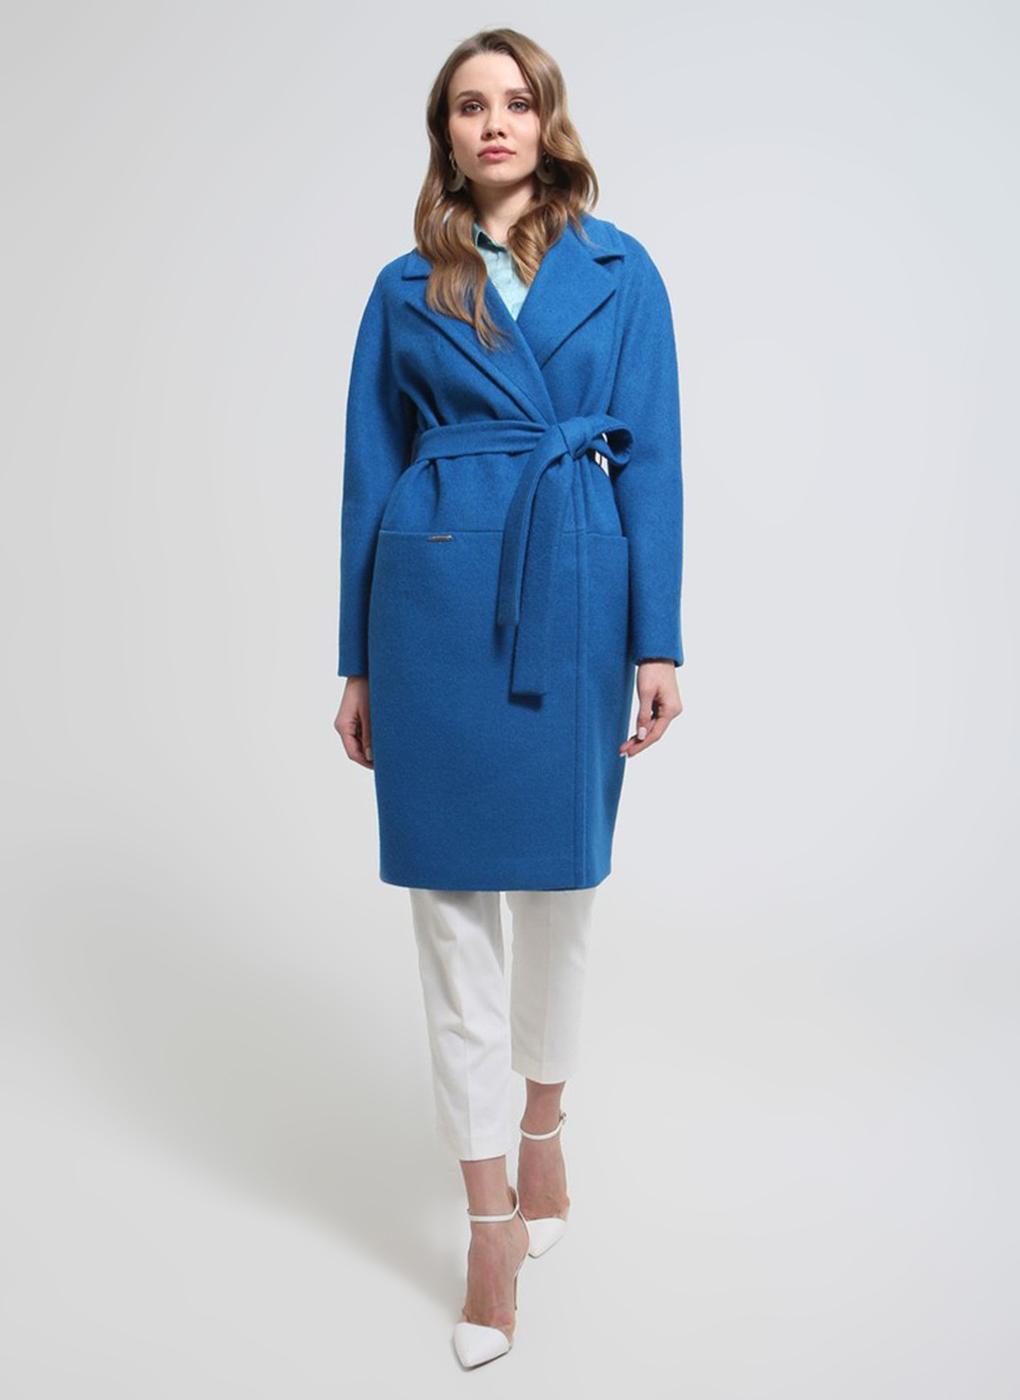 Пальто прямое полушерстяное 21, idekka фото